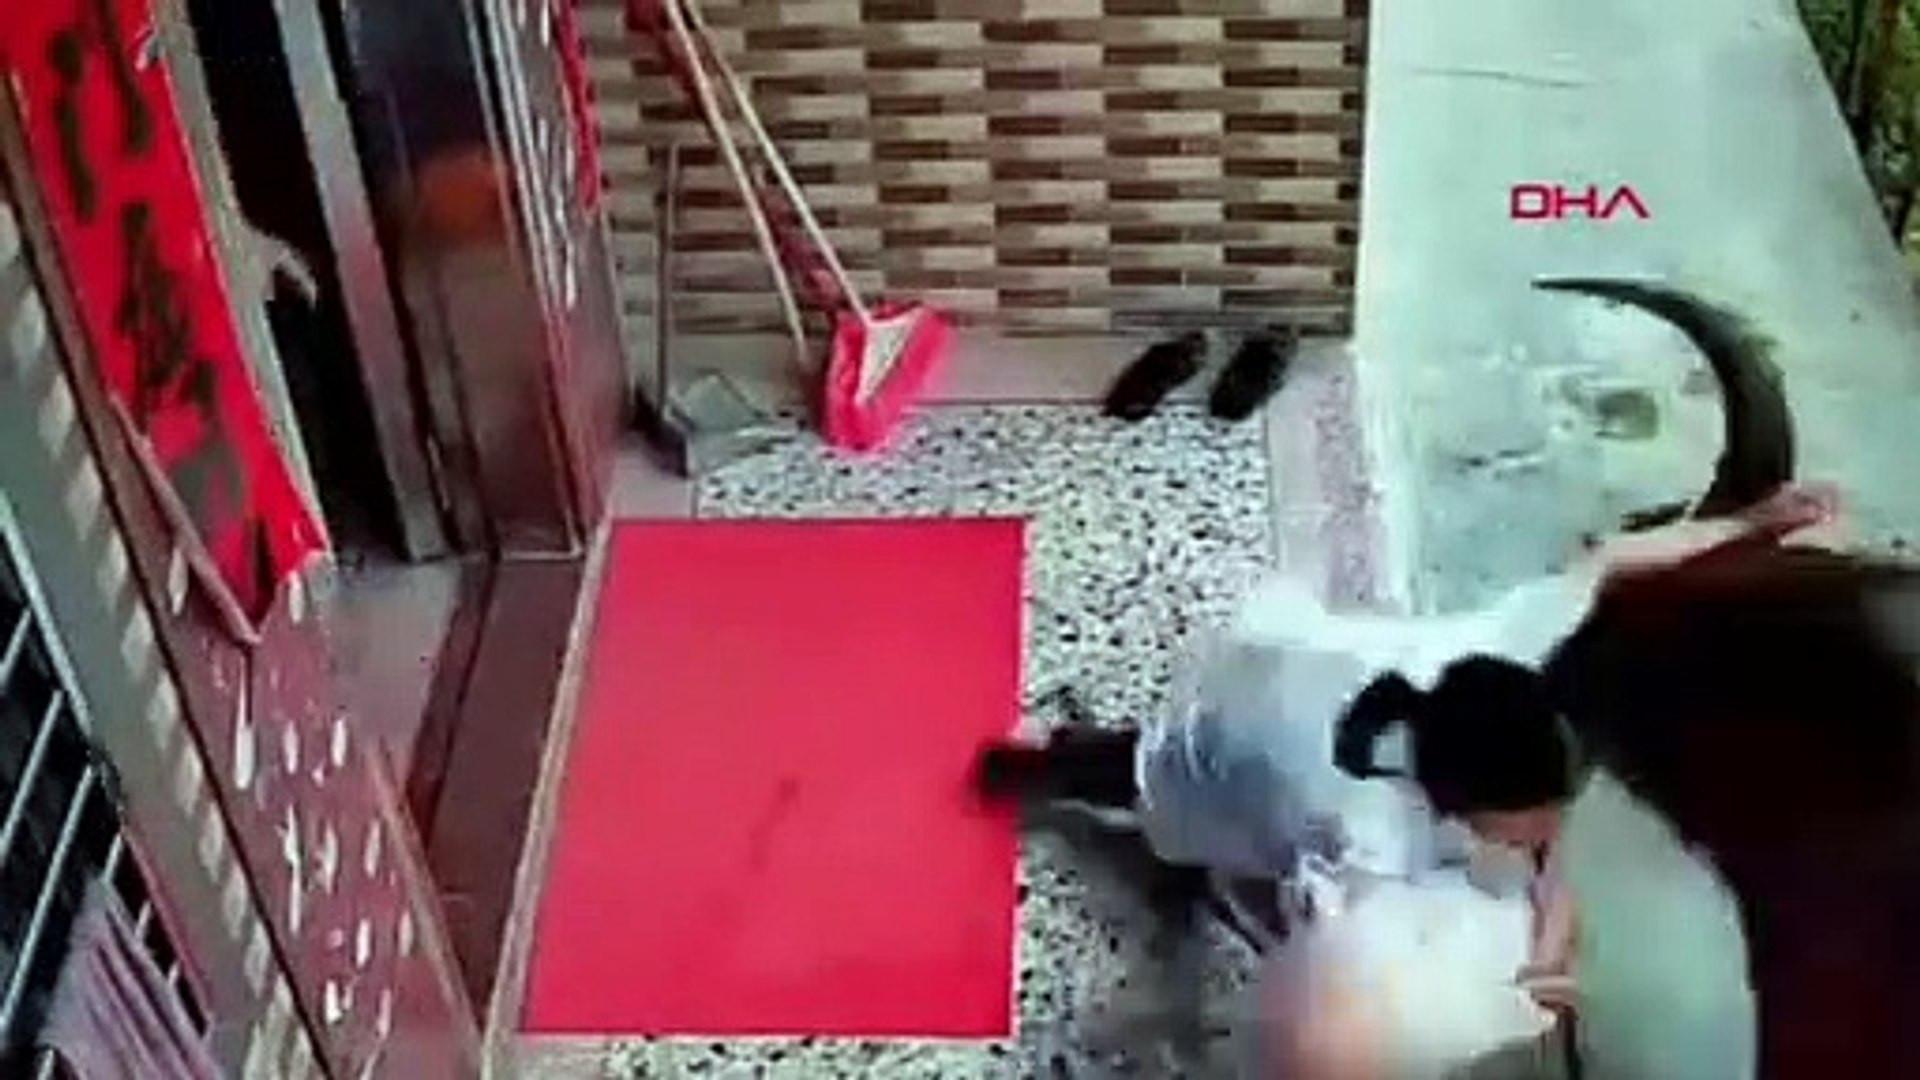 Çin'de bir anne ve bebeğine boğa saldırdı